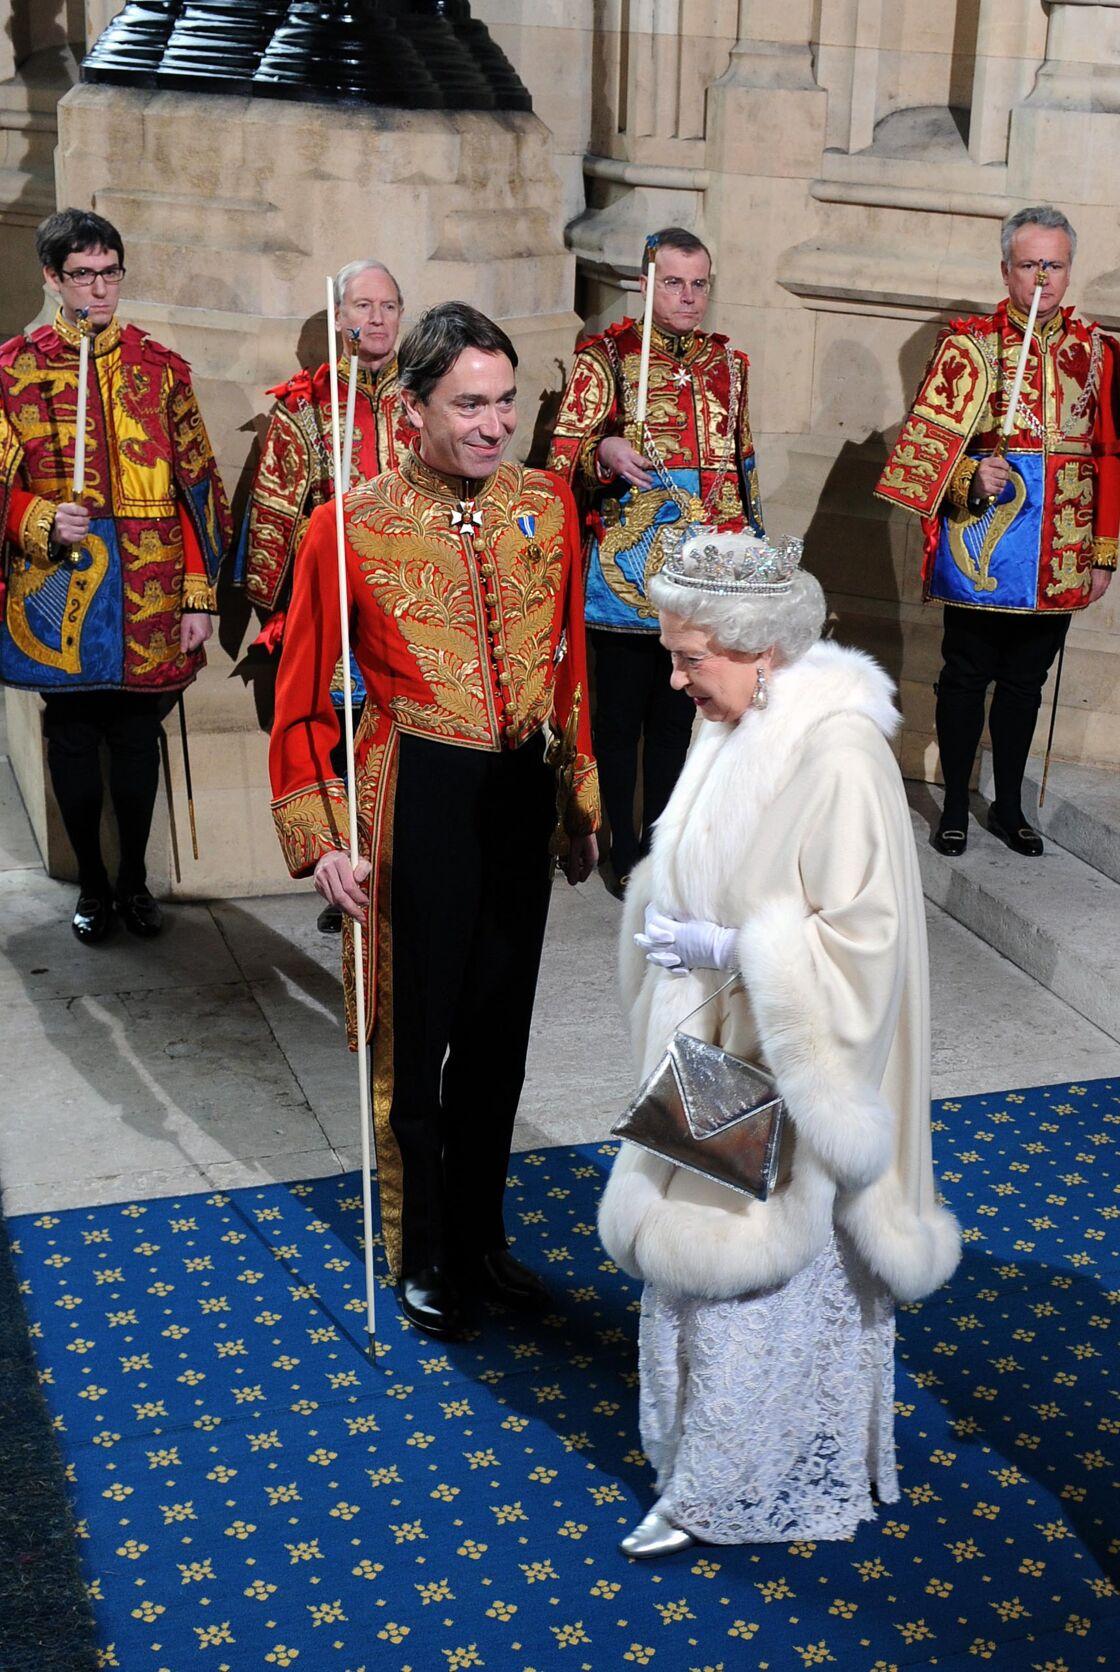 David Rocksavage, époux de Rose Hanbury, et la reine, lors de la cérémonie d'ouverture du Parlement, à Westminster, en 2008.